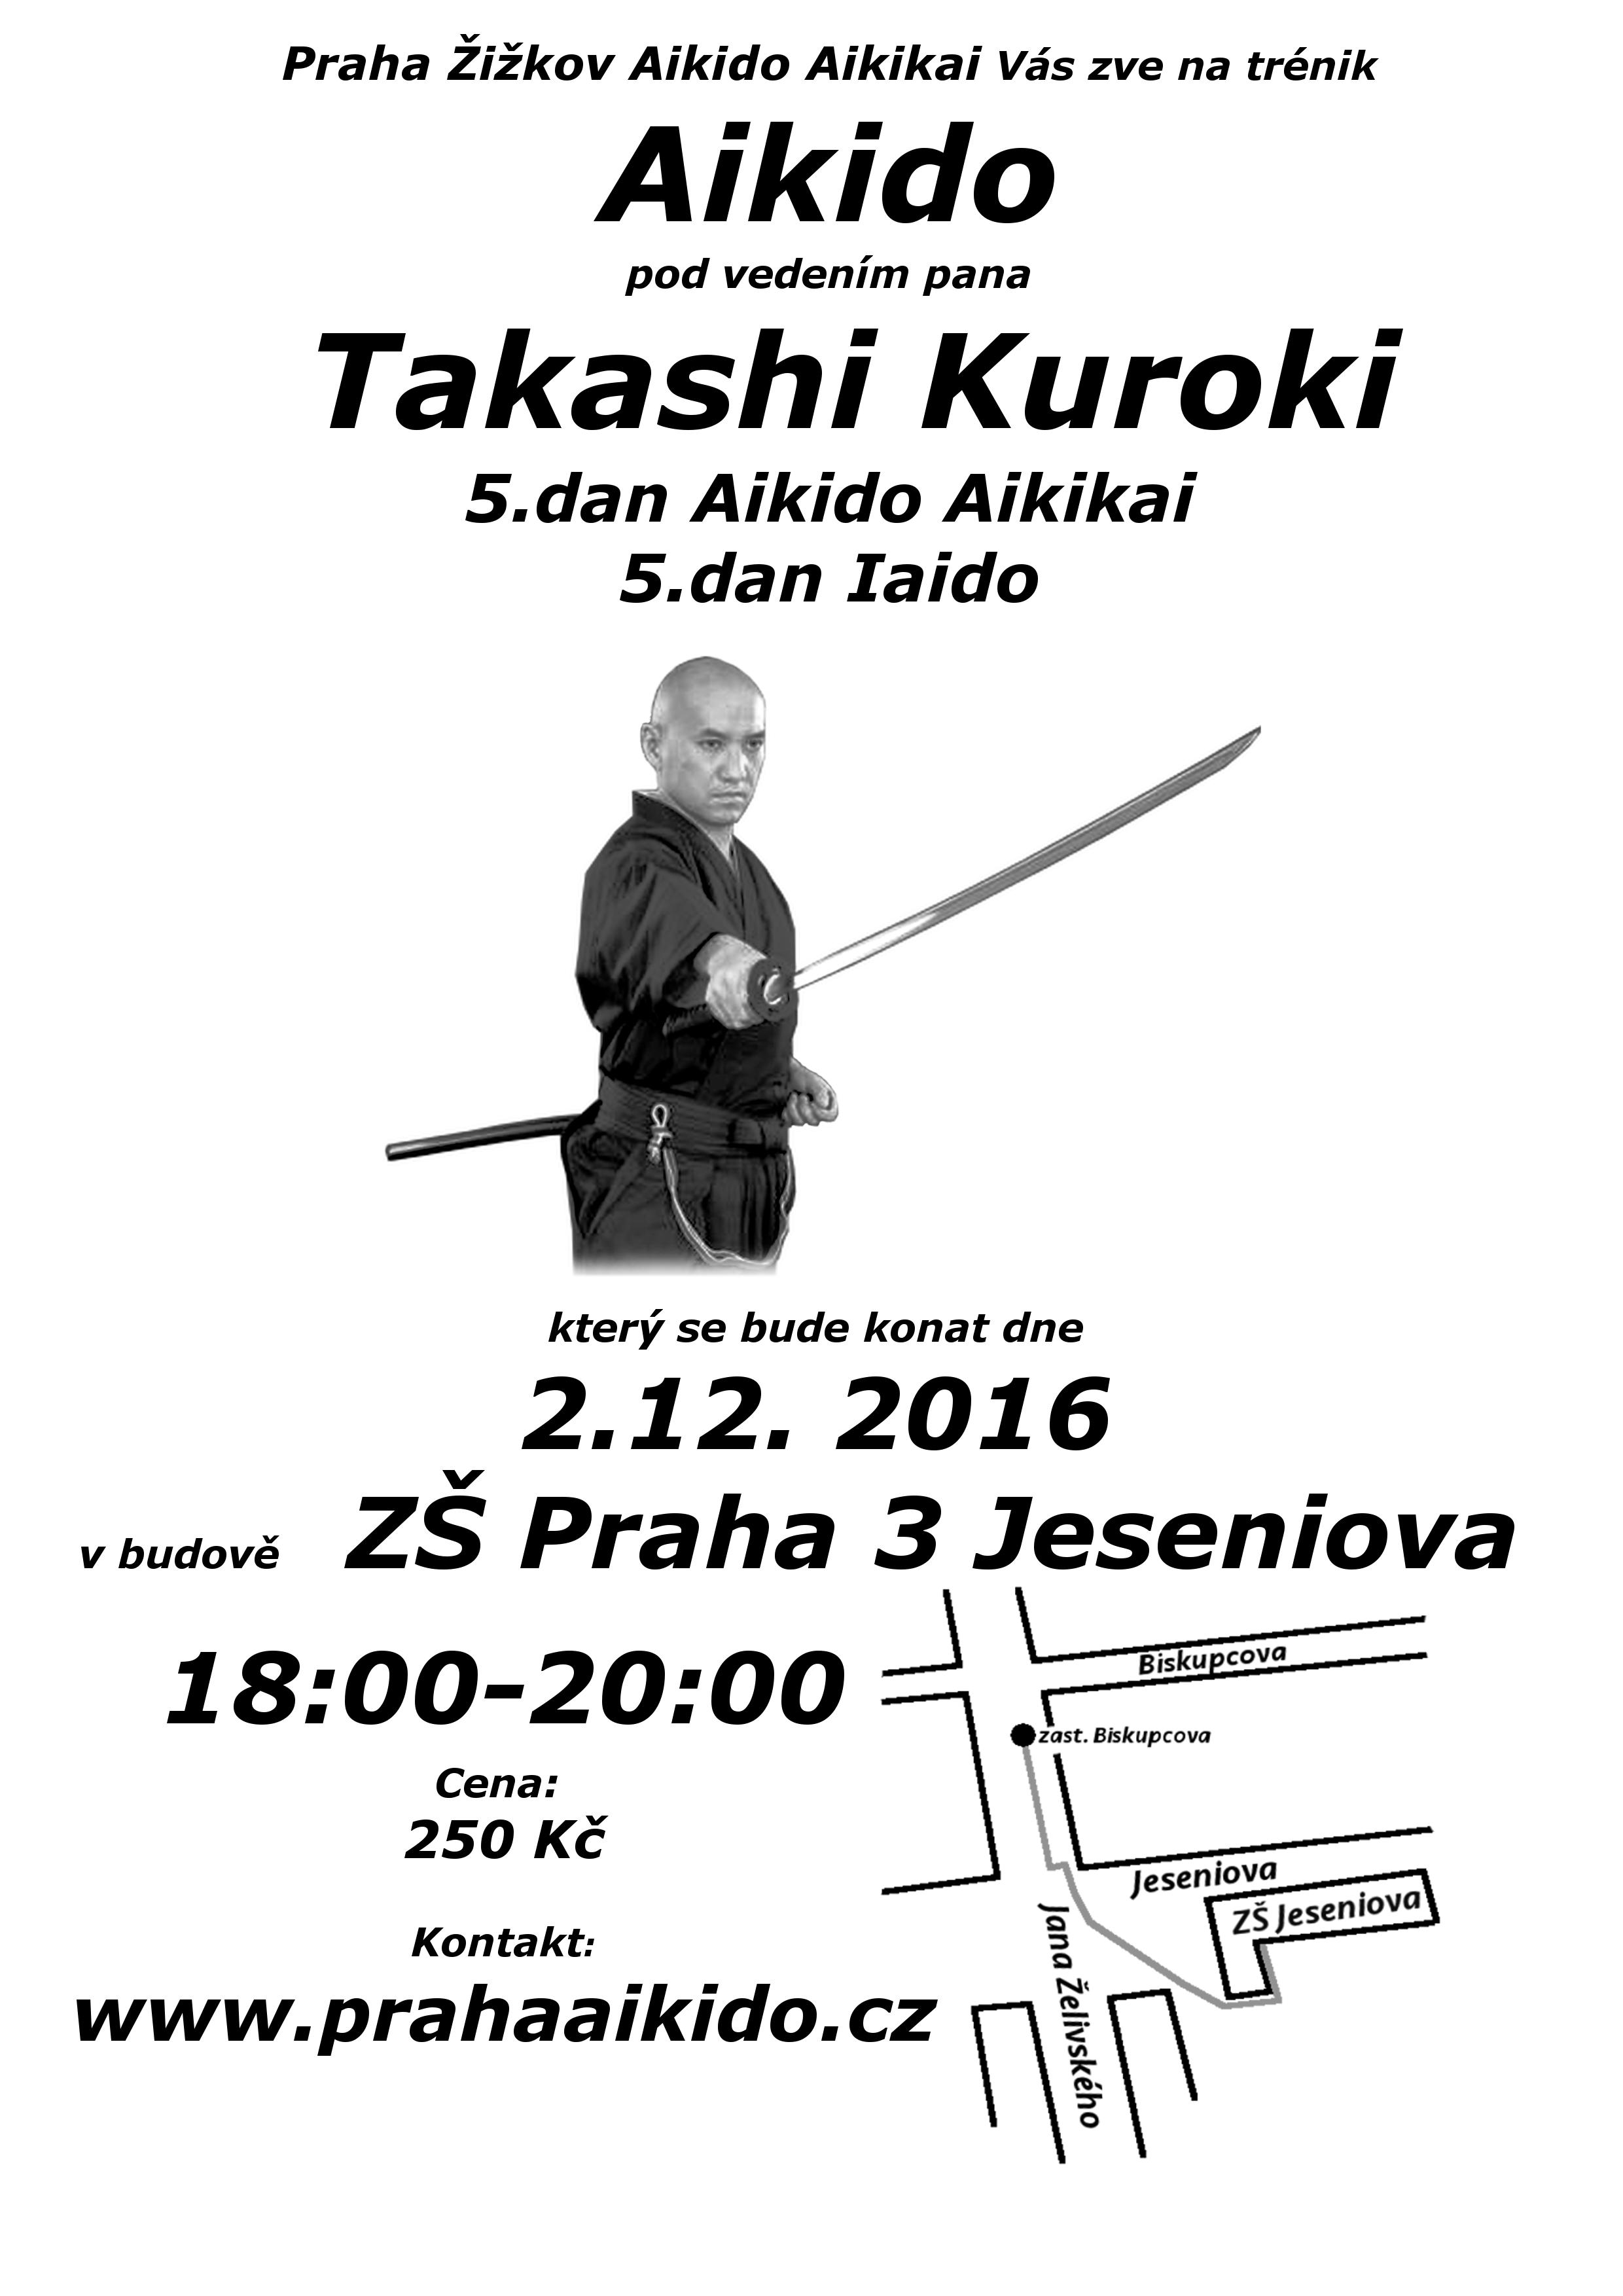 kuroki-plakat-2016-12